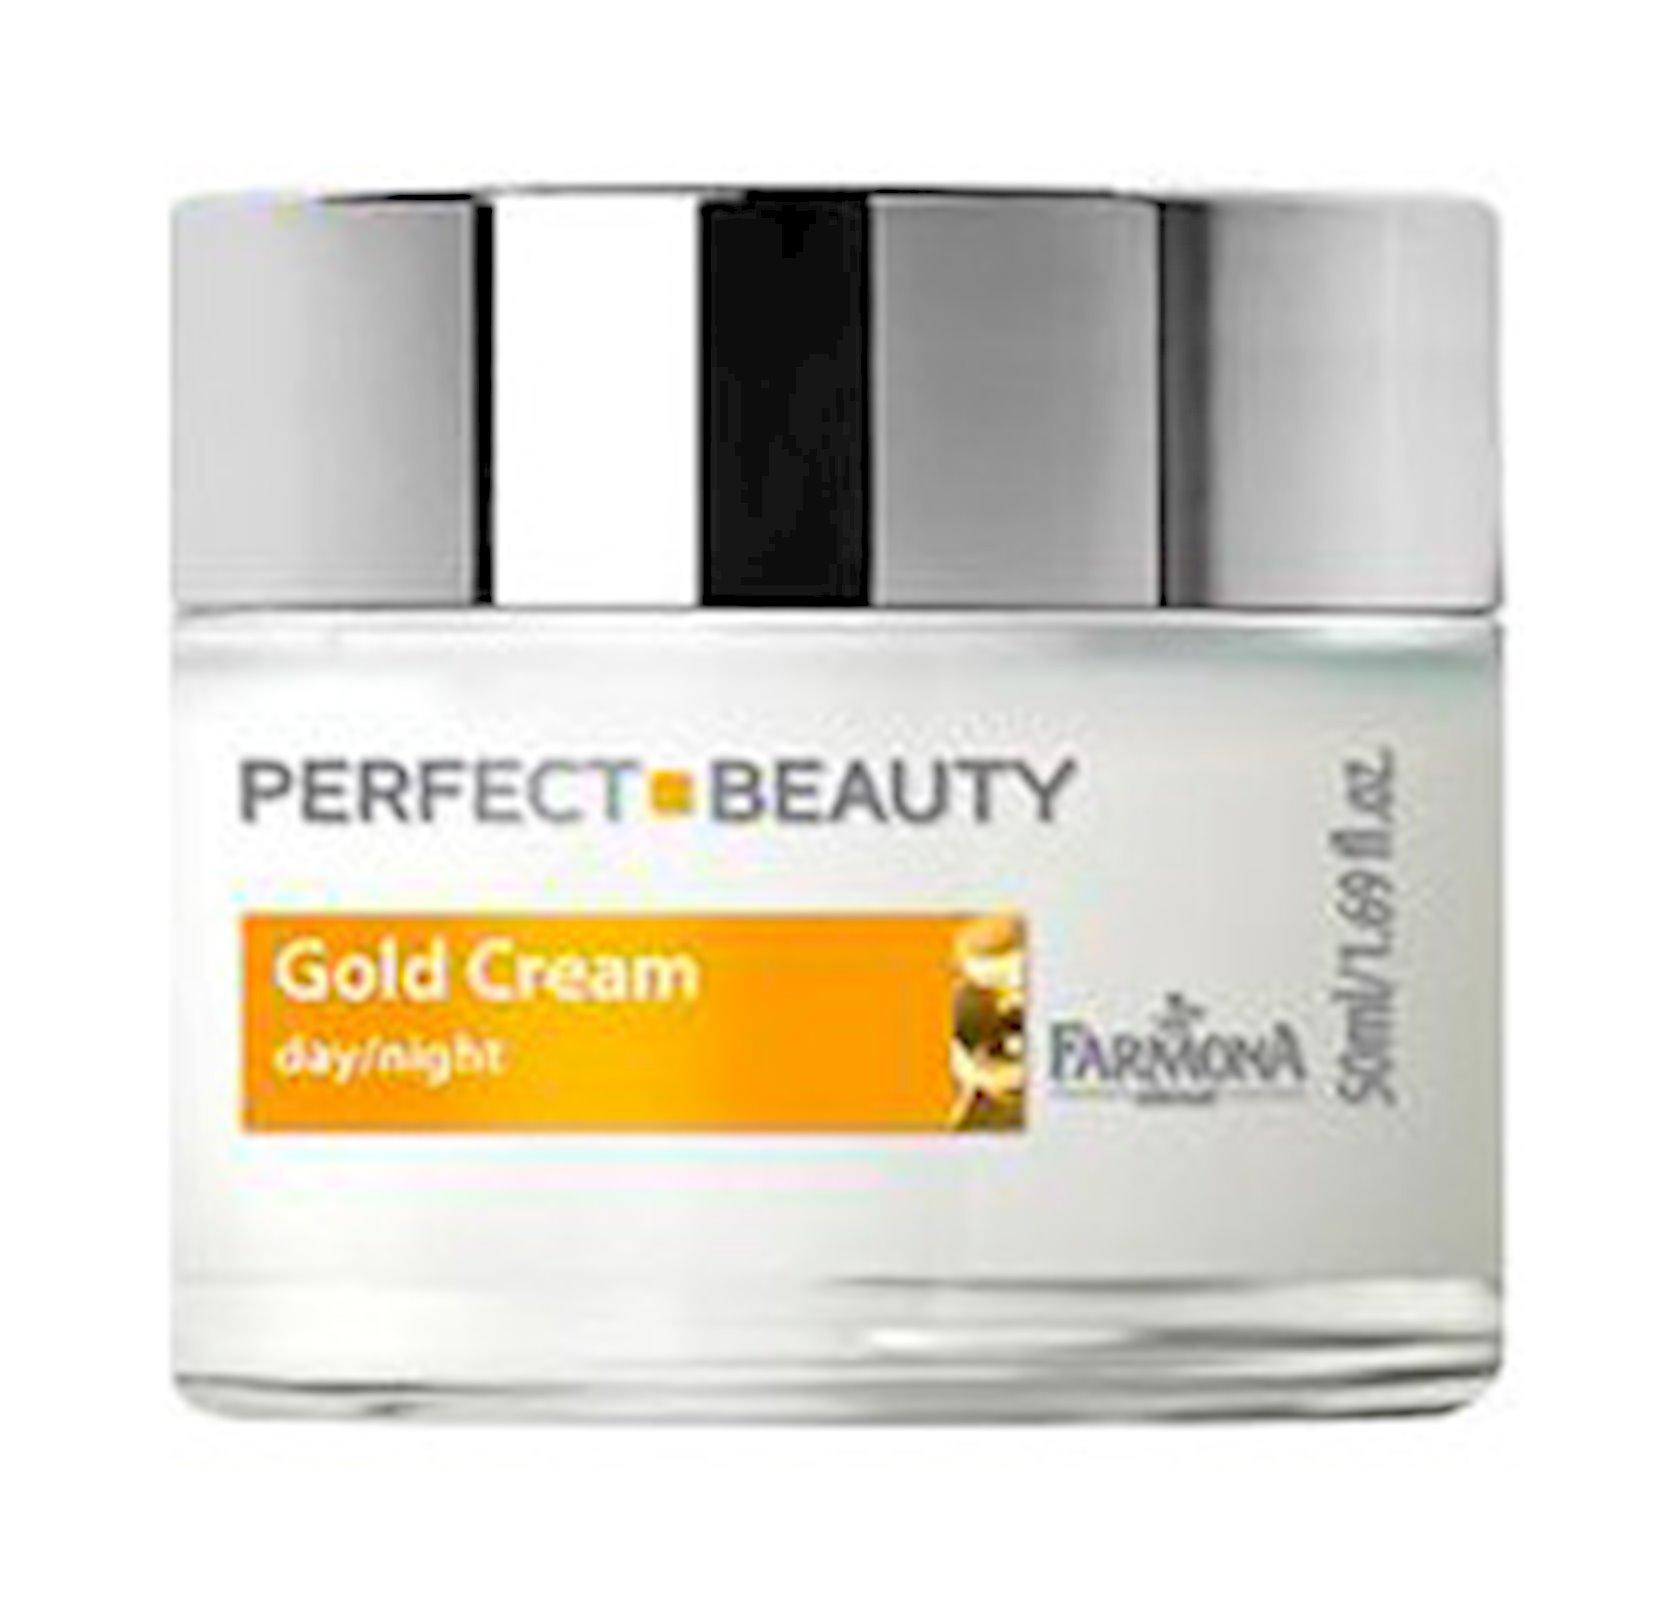 Cavanlaşdırıcı üz kremi gündüz/gecə Farmona Perfect Beauty Face Cream With Gold & Vitamin E Day/Night 50 ml